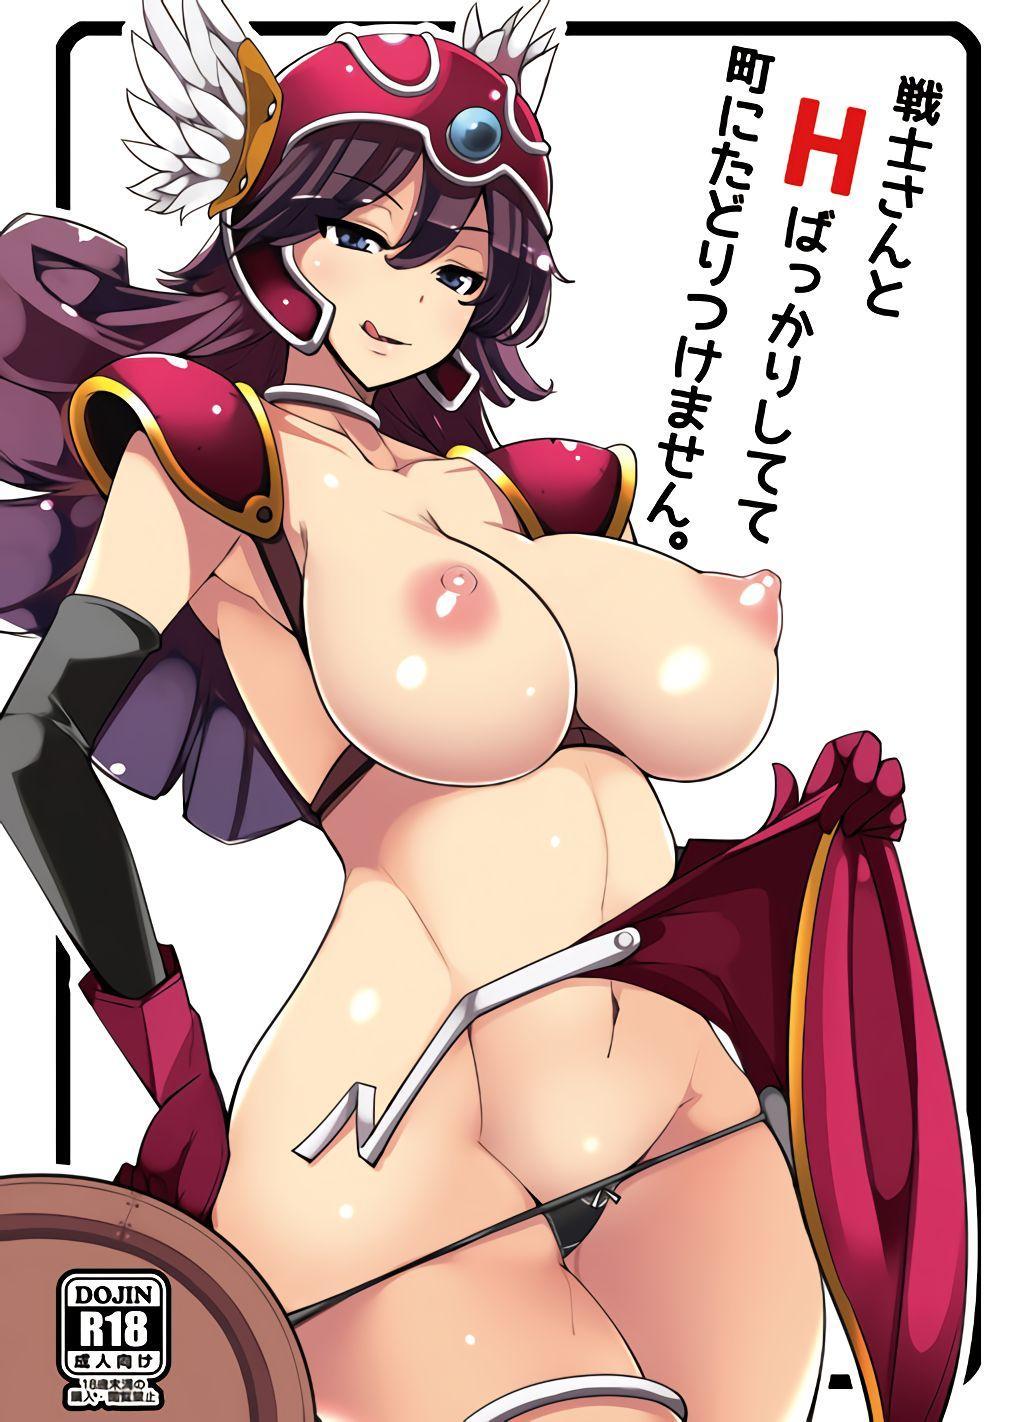 Senshi-san to H Bakkari Shitete Machi ni Tadoritsukemasen. 1